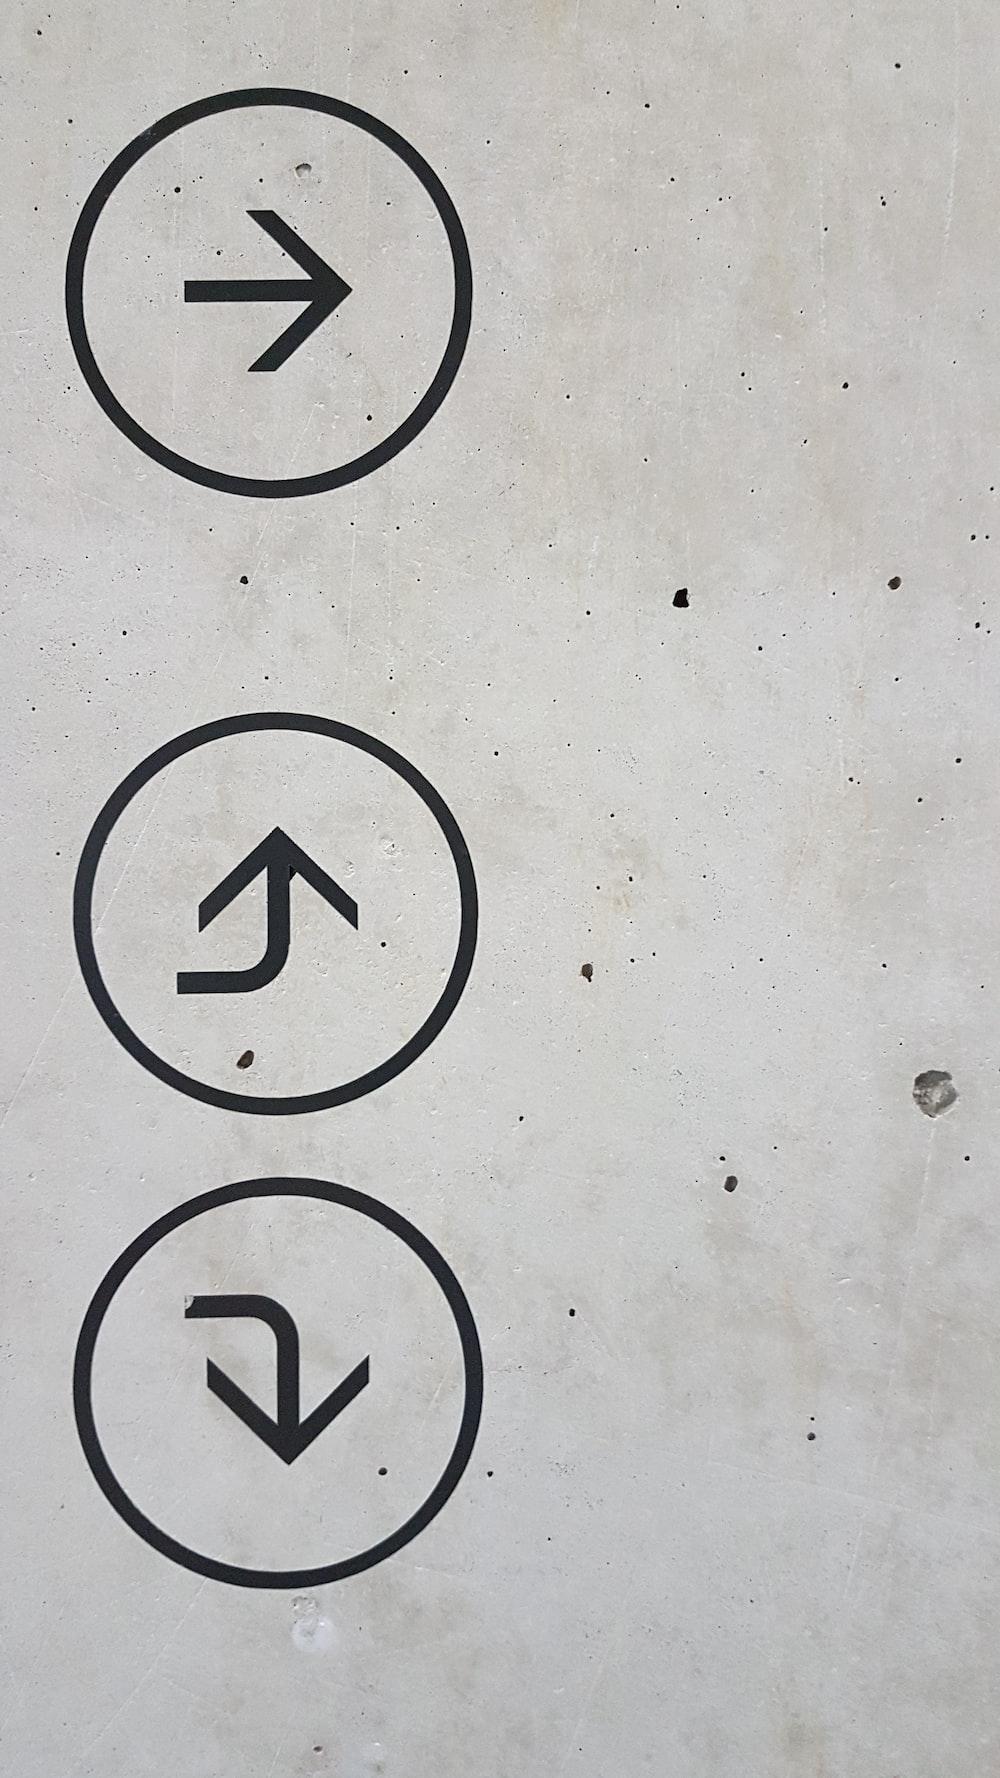 arrow signs